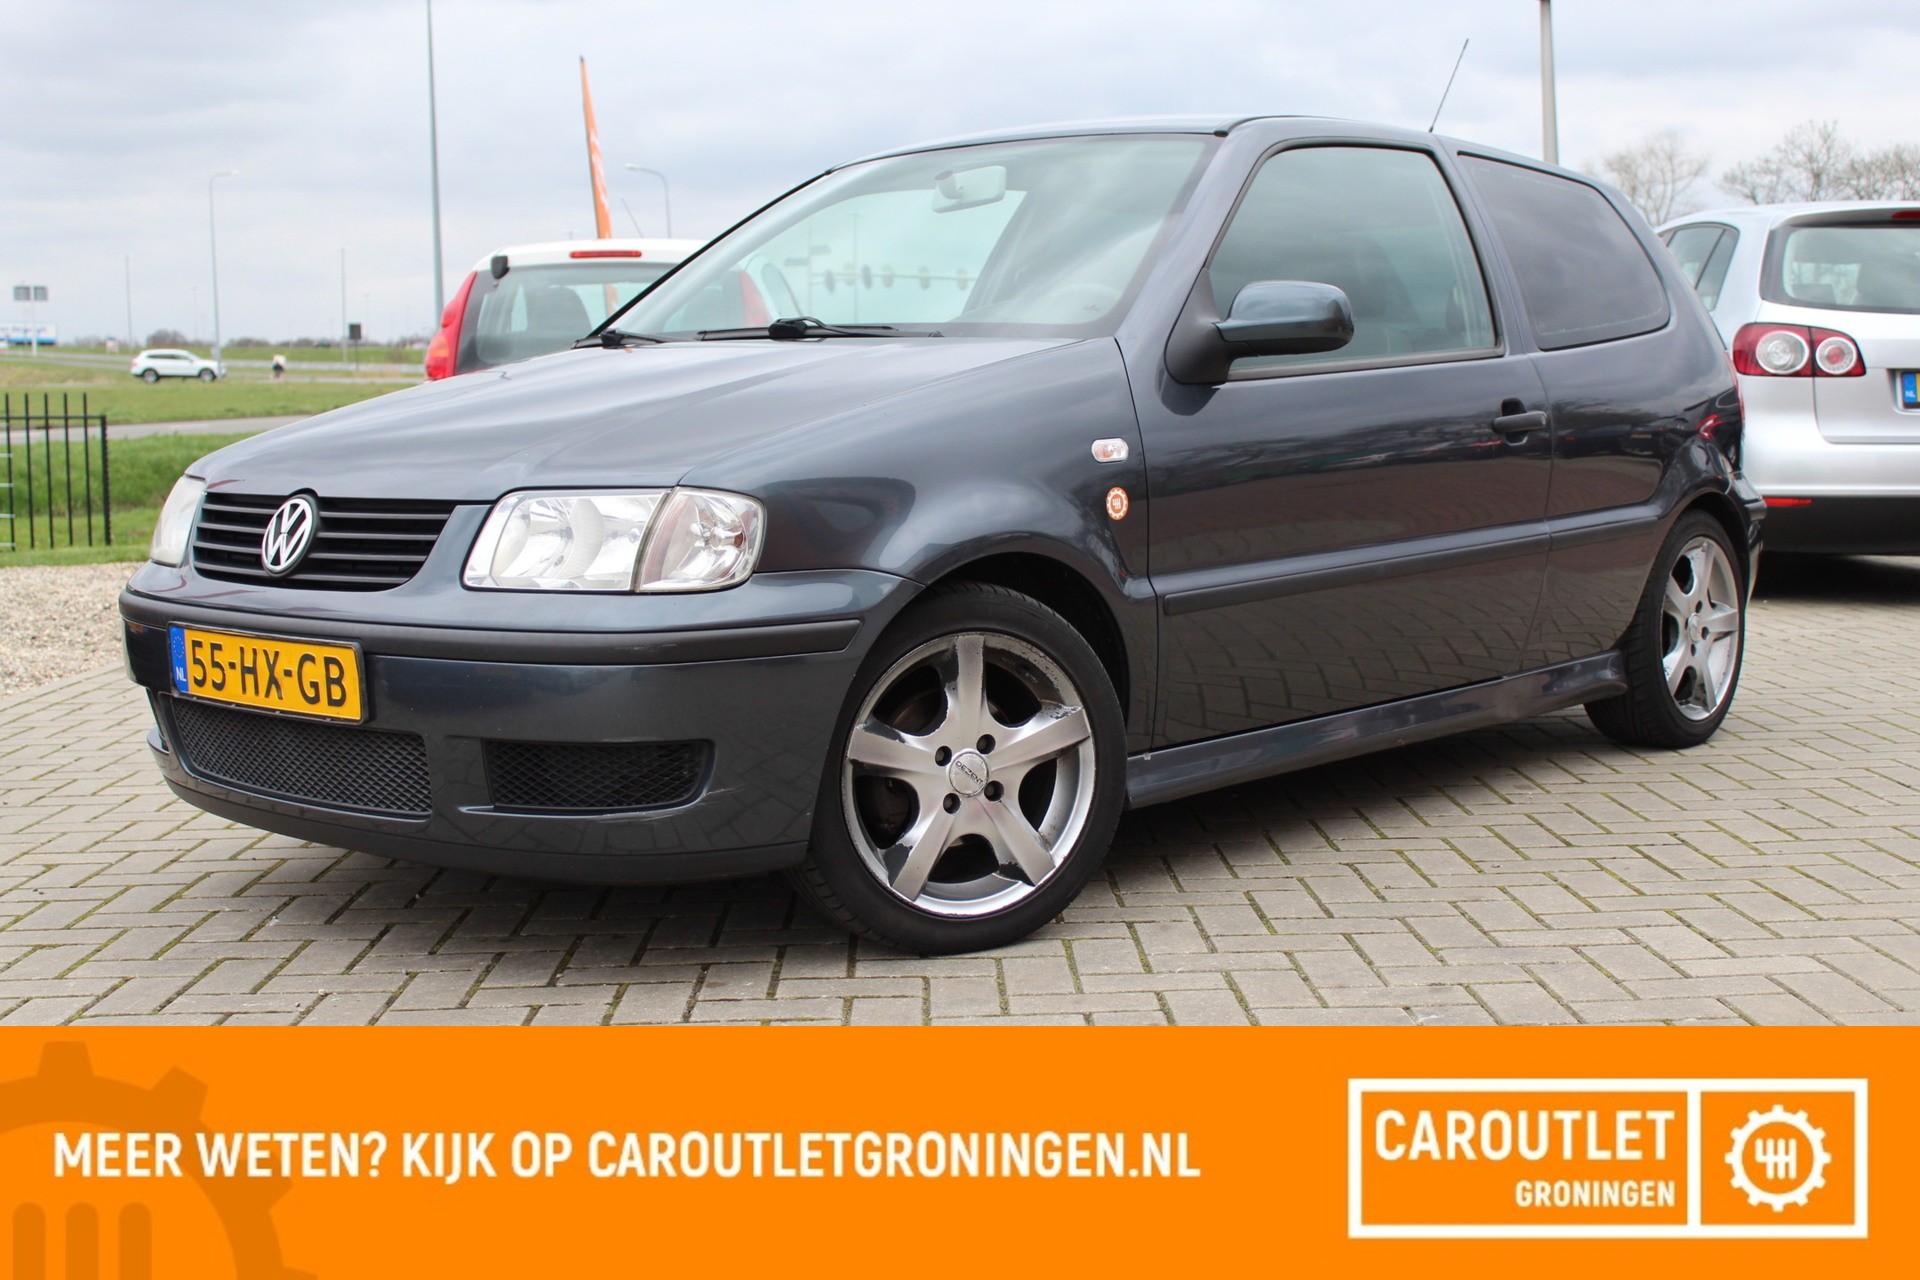 Caroutlet Groningen - Volkswagen Polo 1.4-16V | NIEUWE APK | INRUILKOOPJE